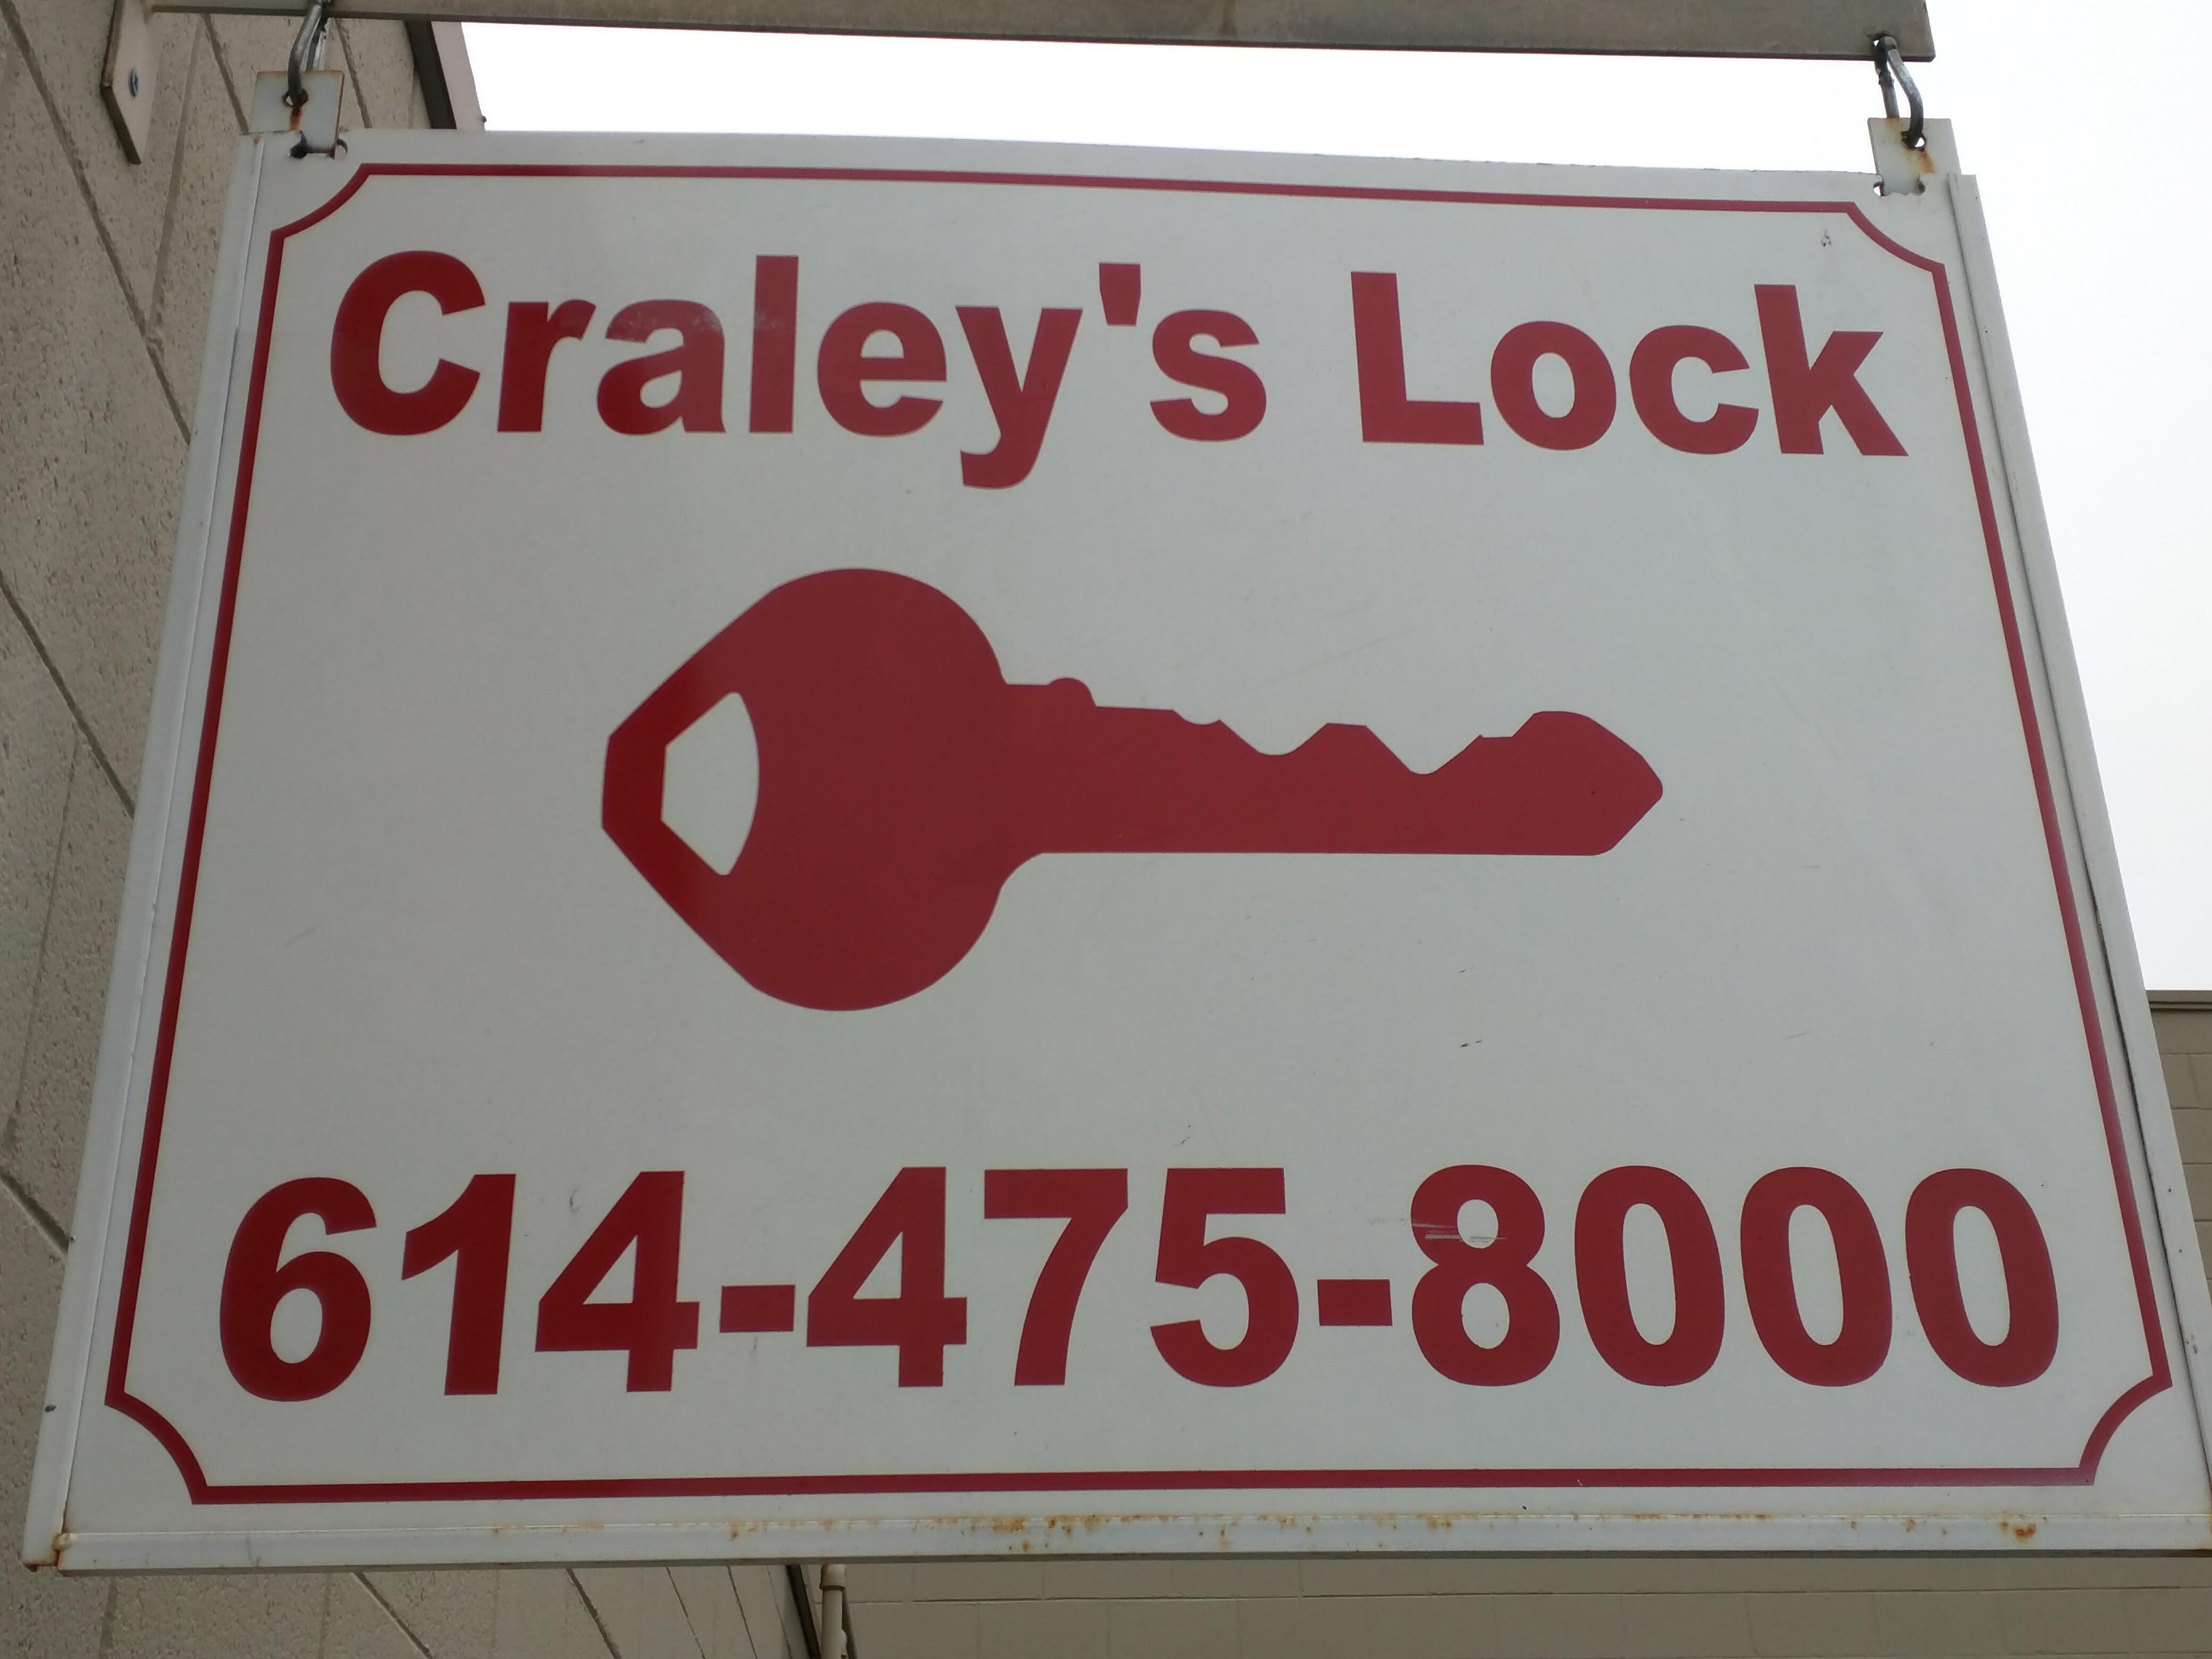 Craley's Lock Company